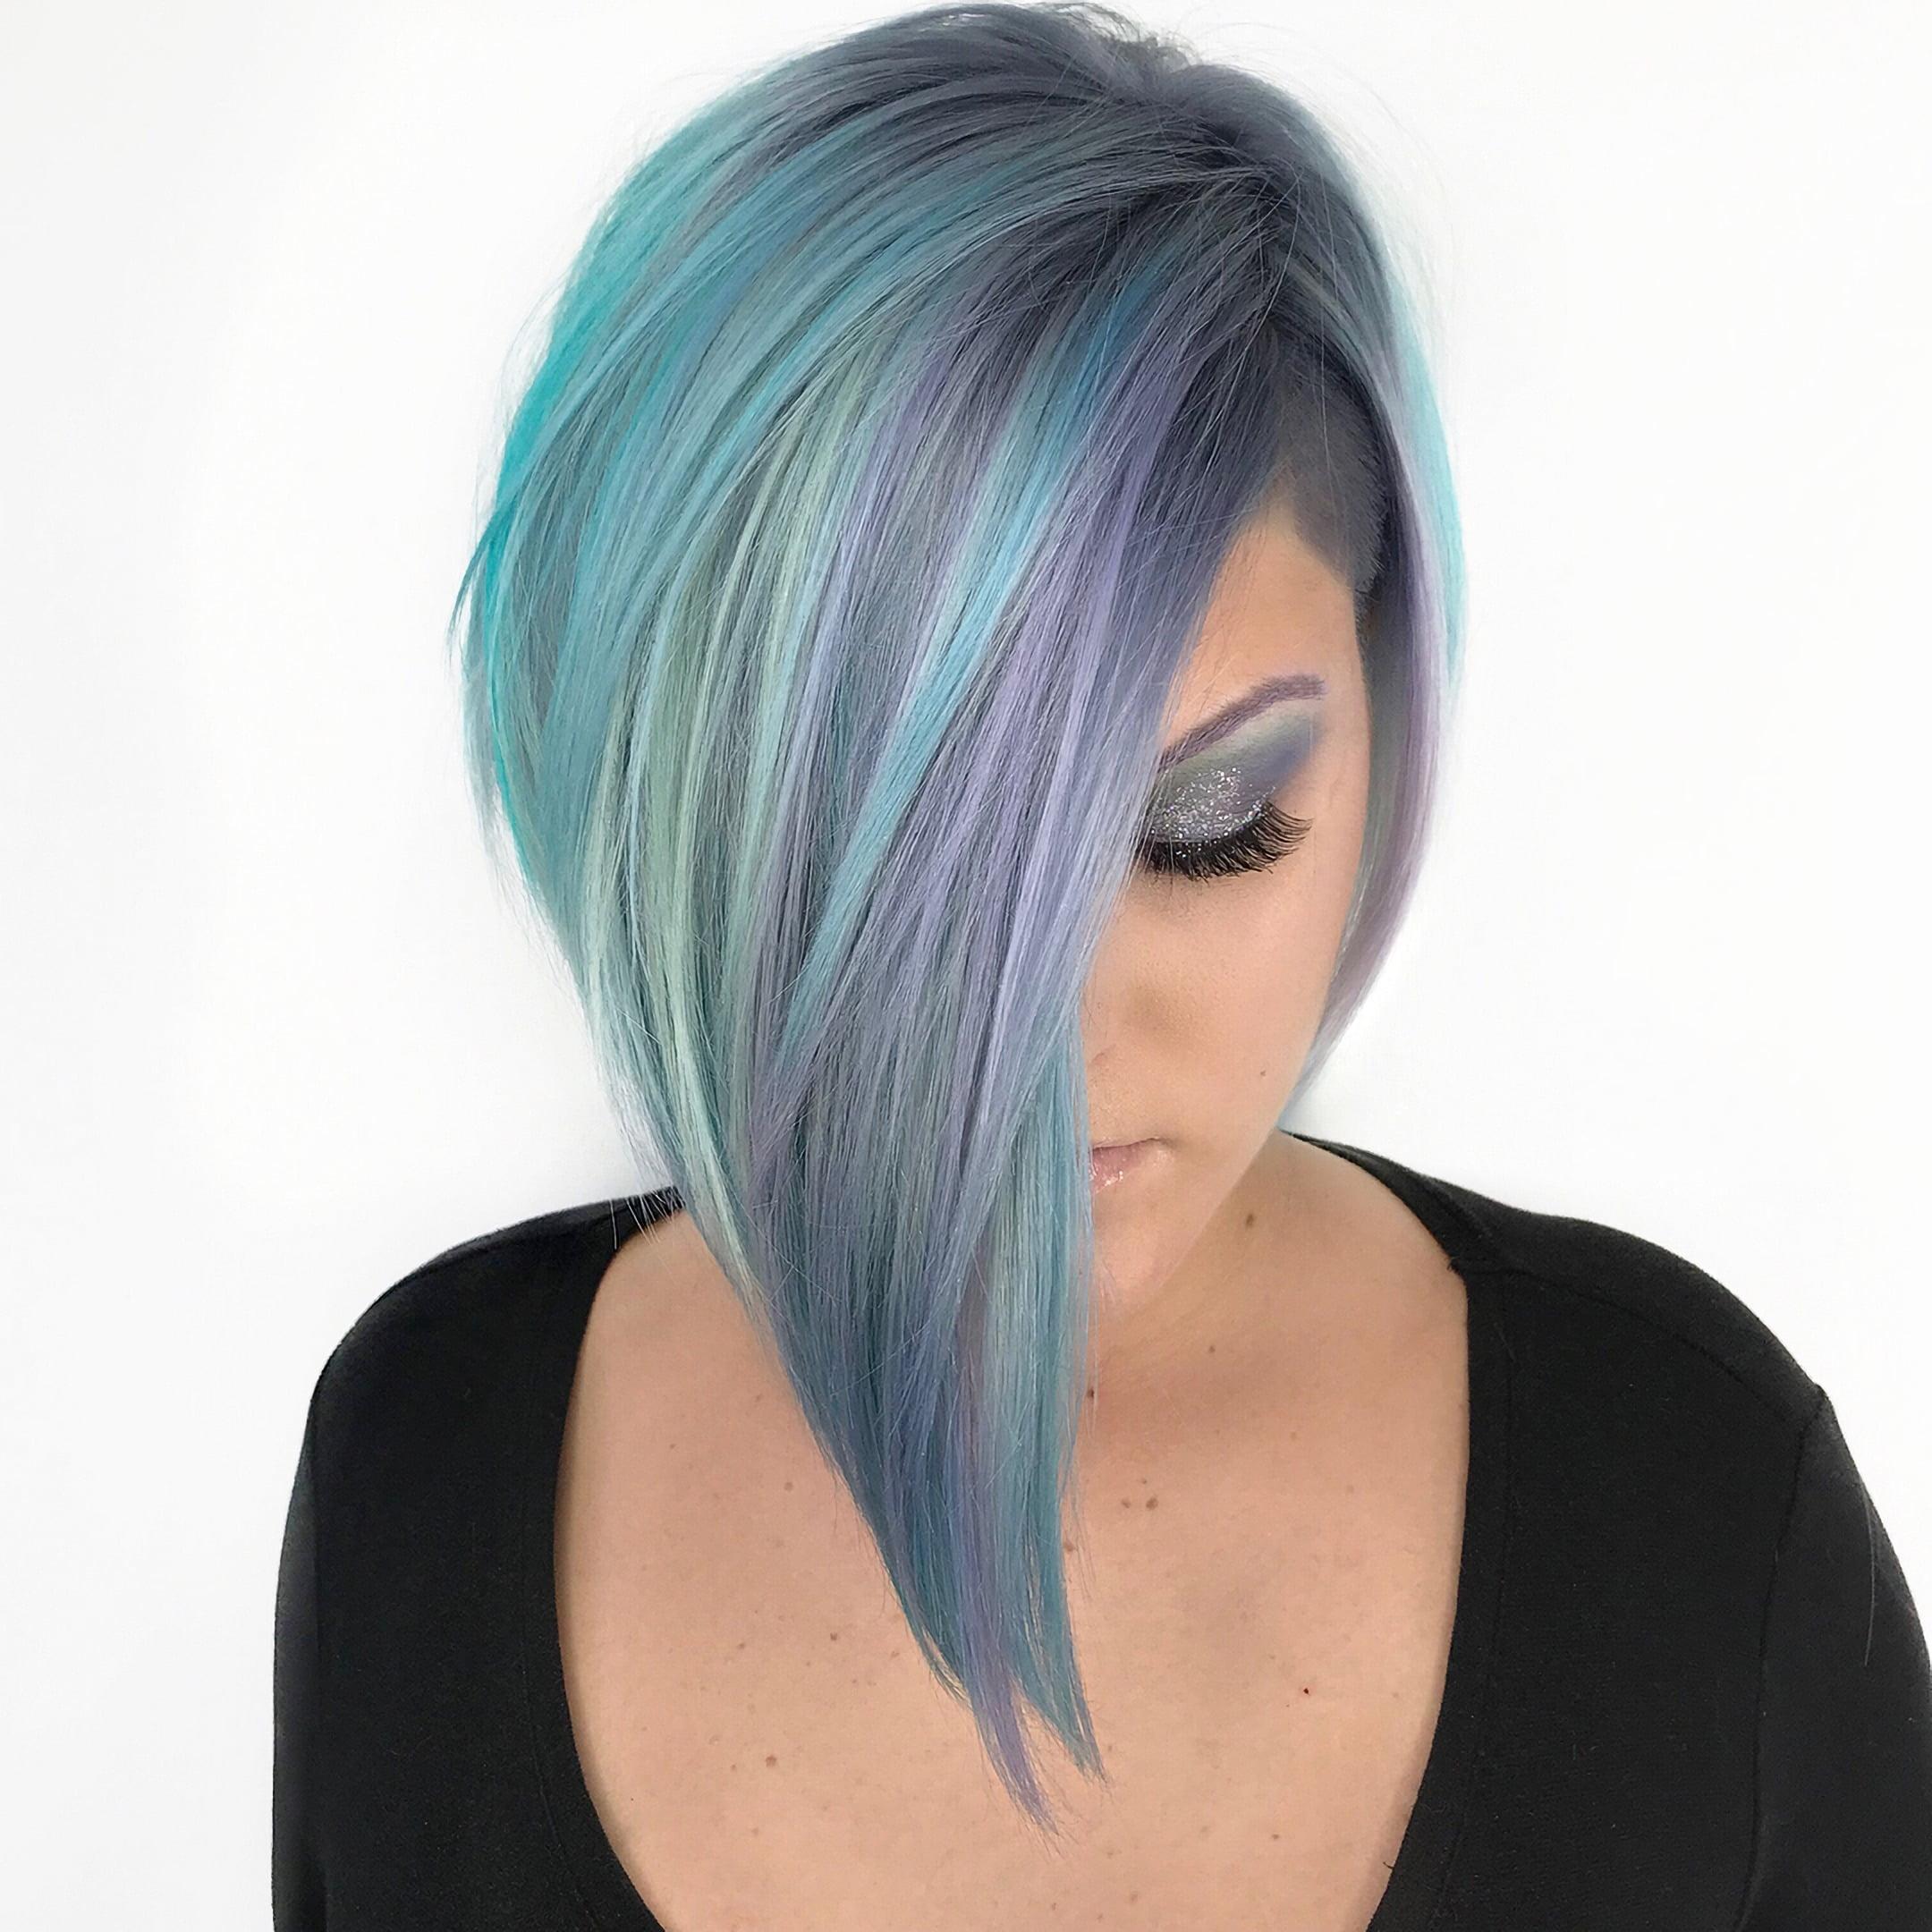 модный асимметрический боб с синим цветом волос